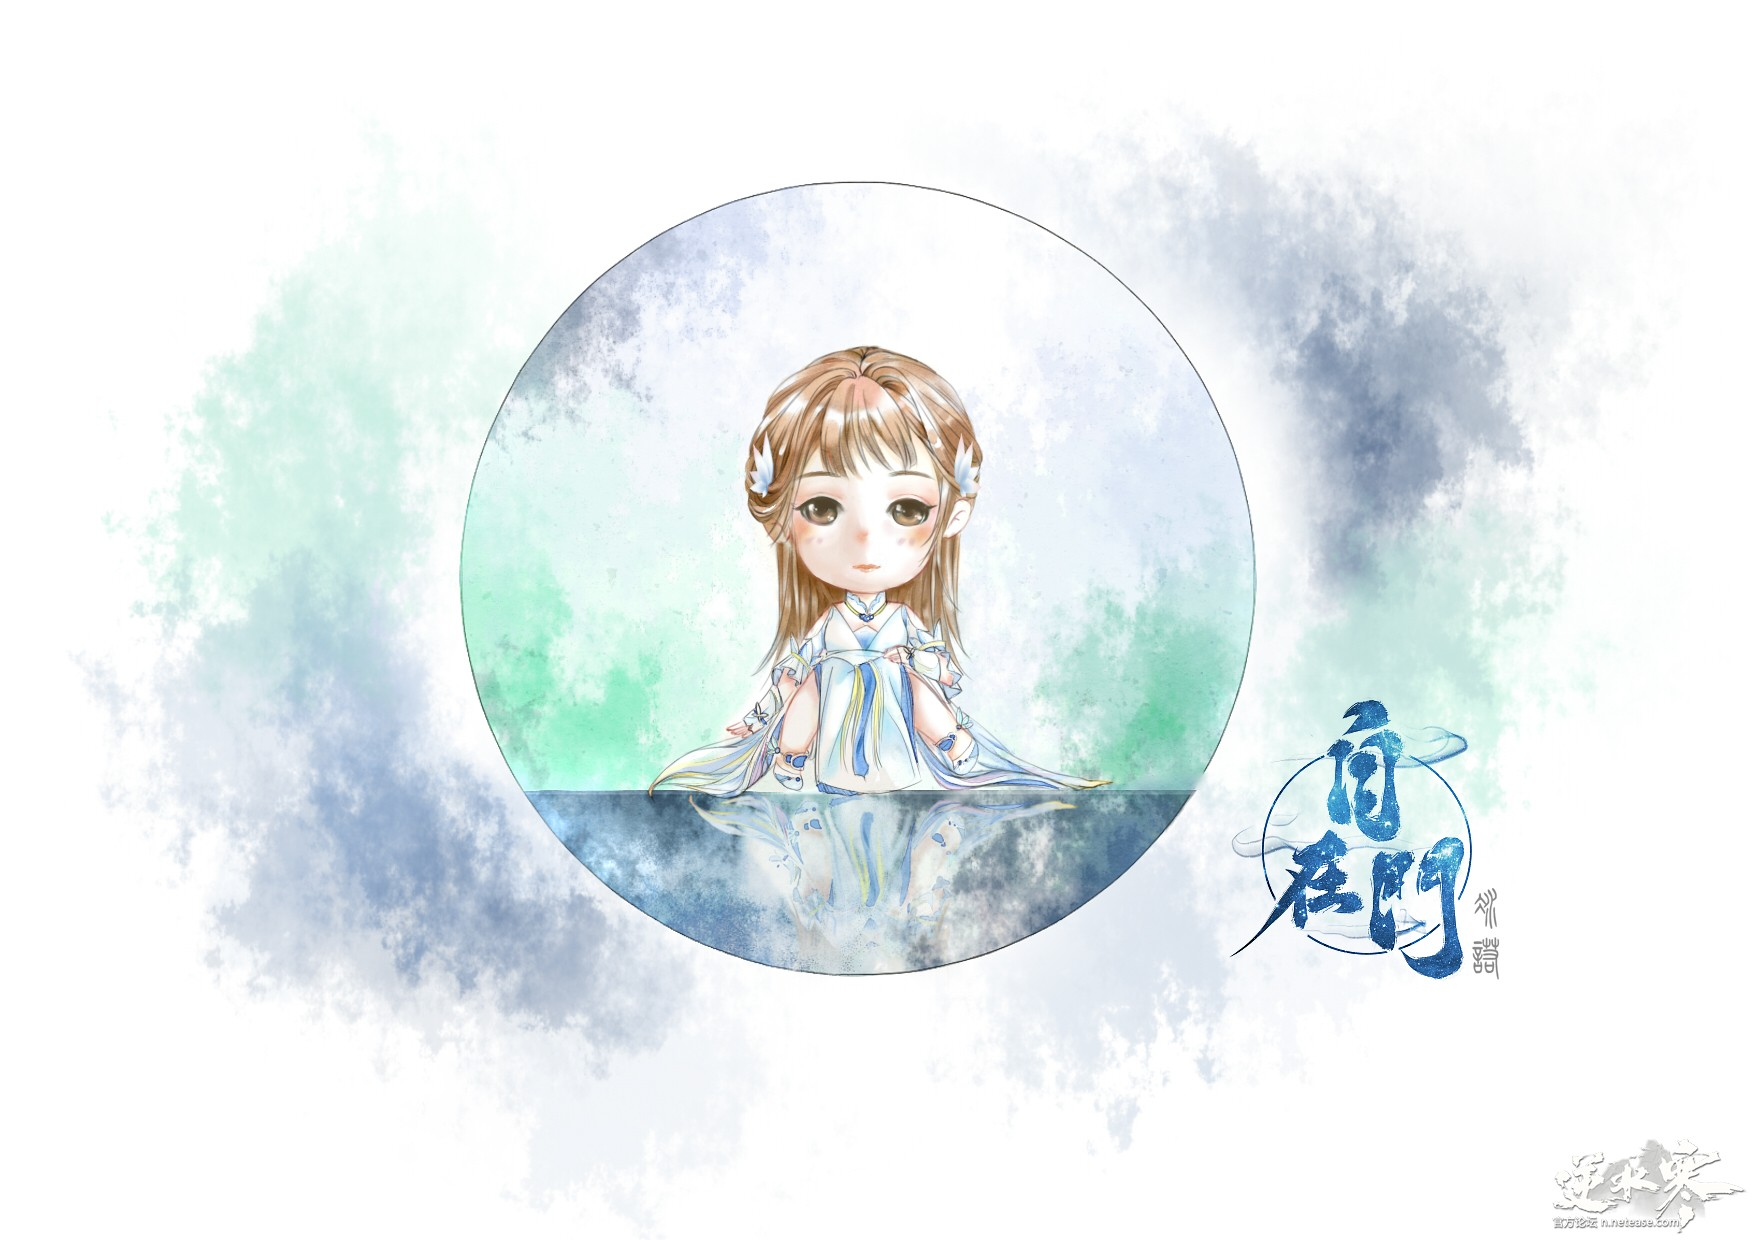 【自在门】水彩风Q版1 素问 神灵(男女)cp